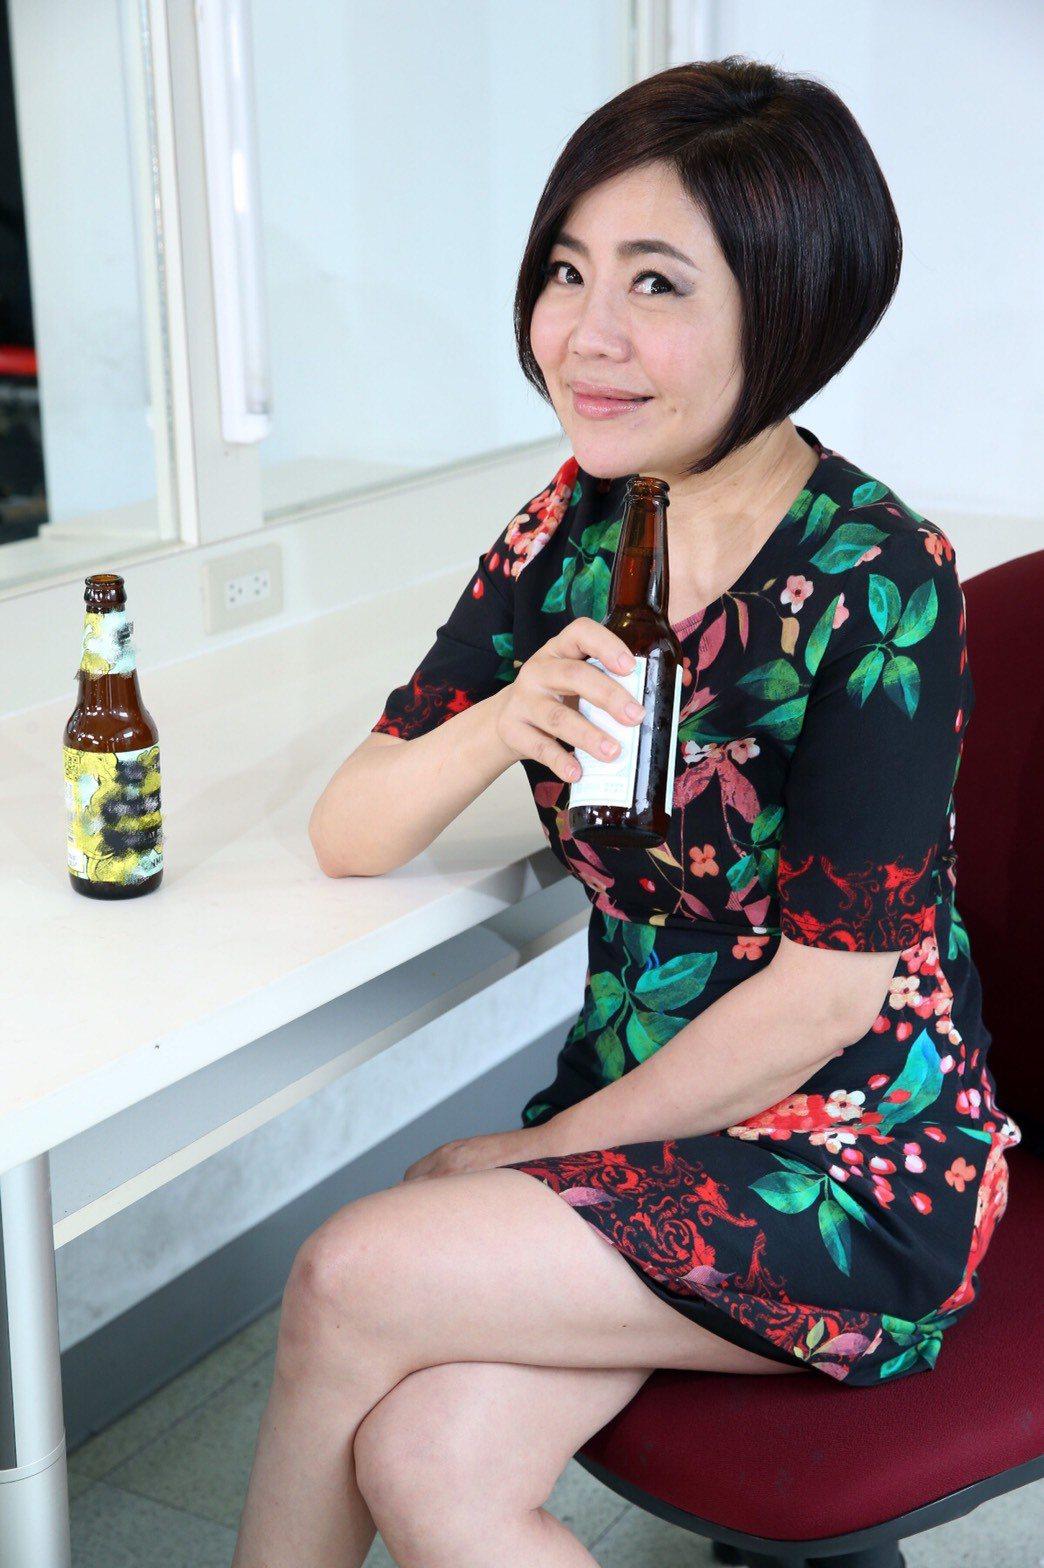 于美人試喝啤酒。記者陳瑞源/攝影 ※ 提醒您:禁止酒駕 飲酒過量有礙健康